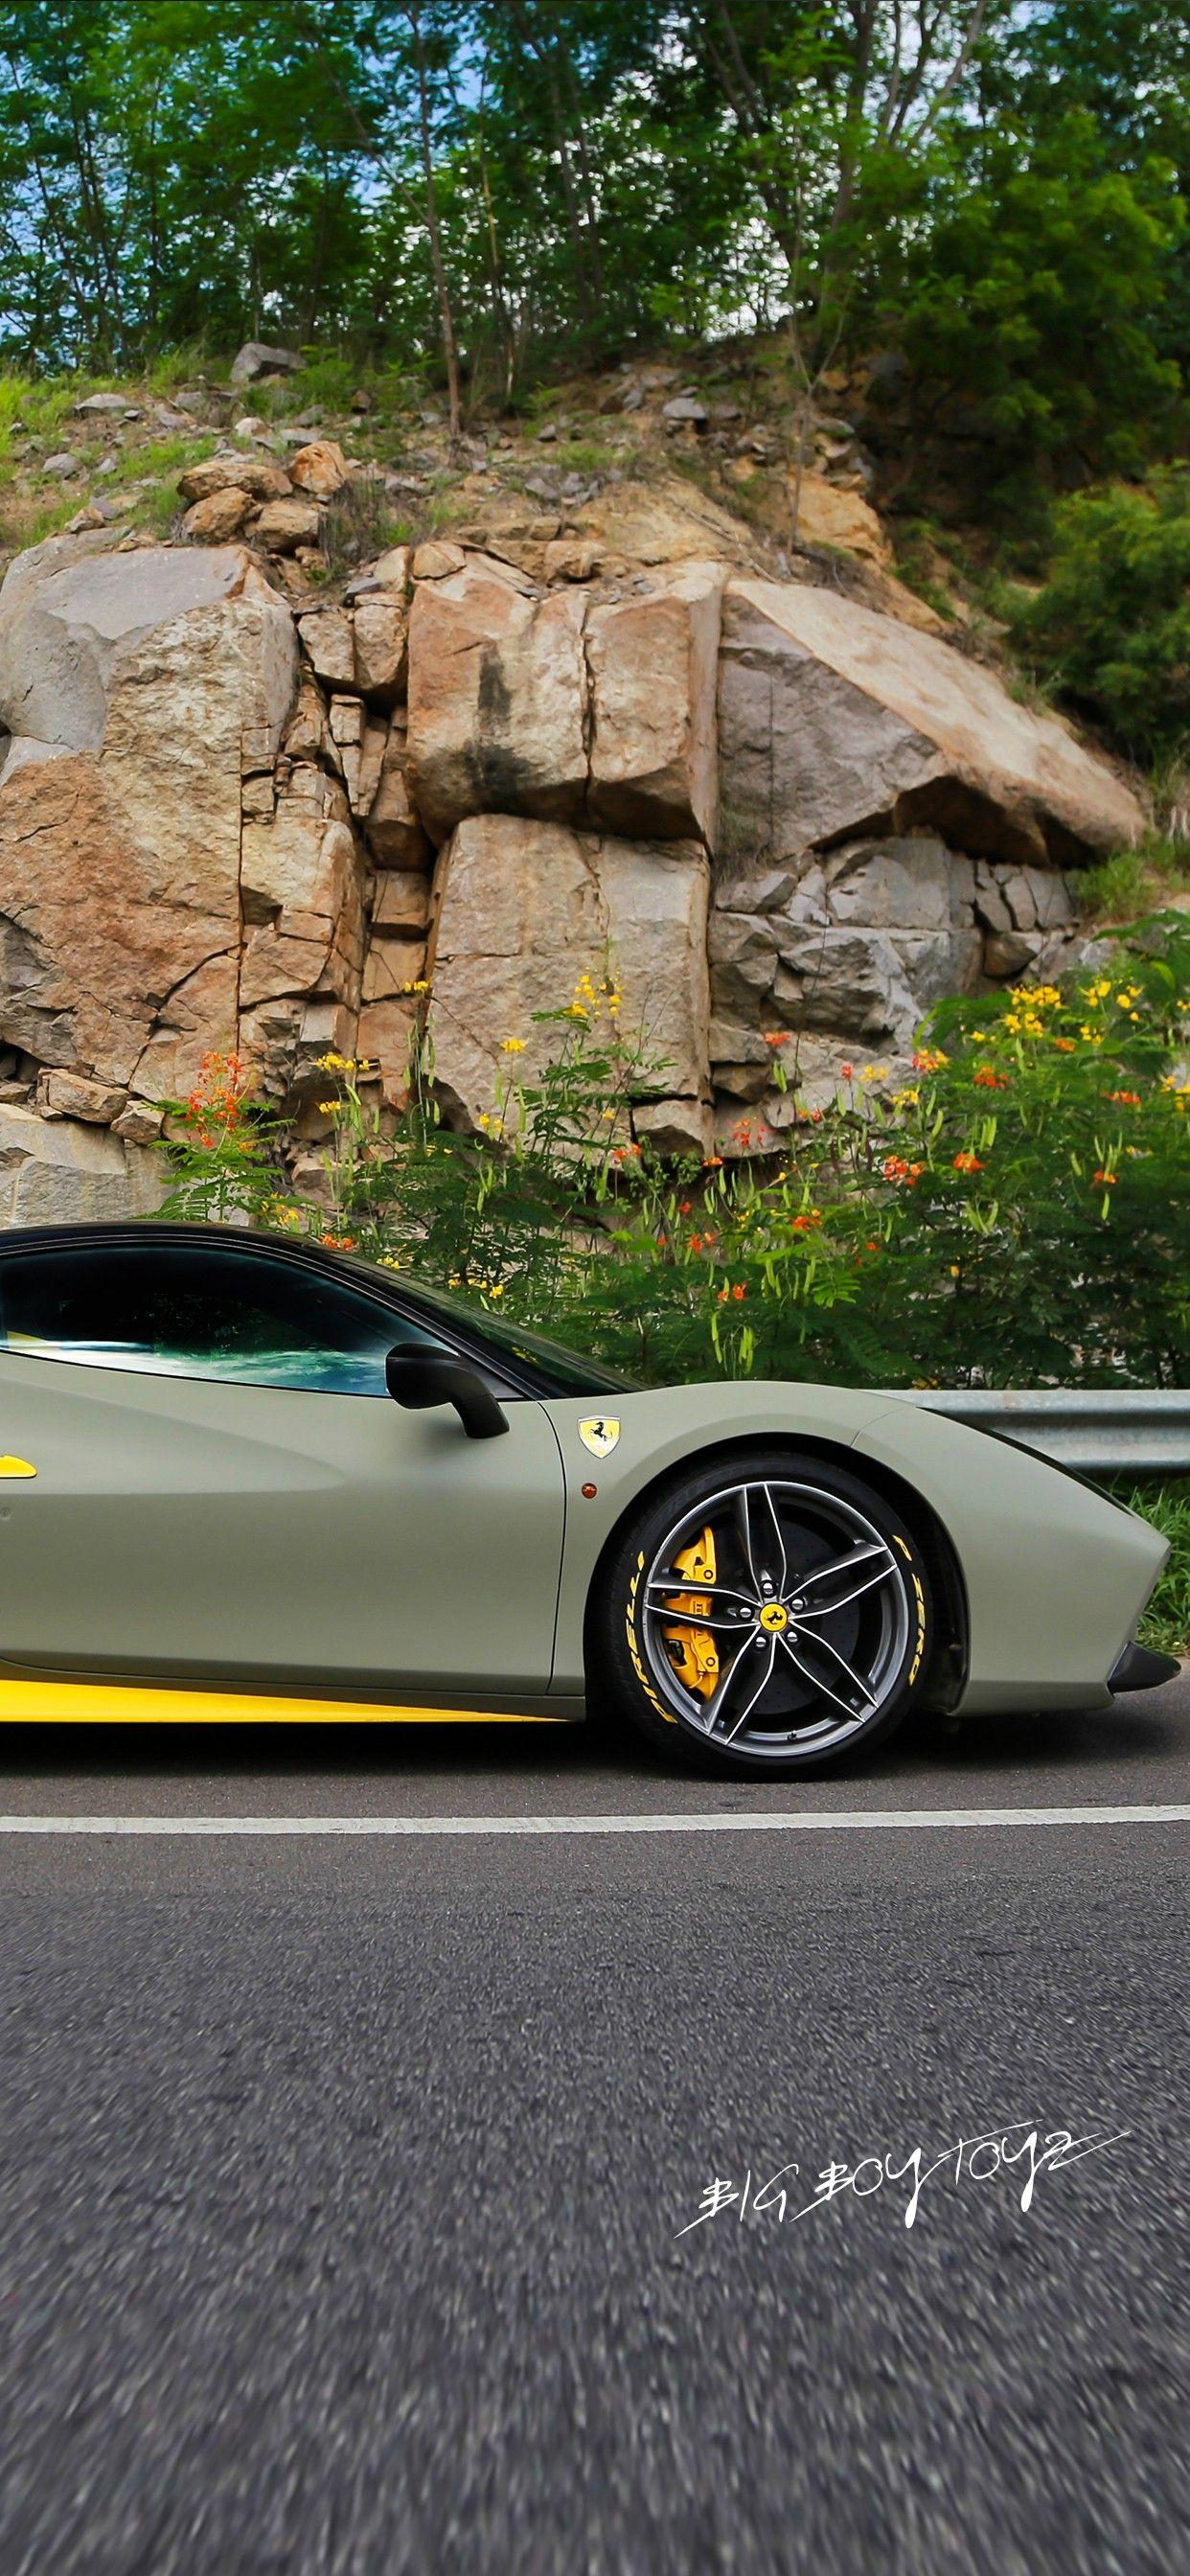 Ferrari Wallpaper Sports Car Wallpaper Car Iphone Wallpaper Sports Cars Lamborghini